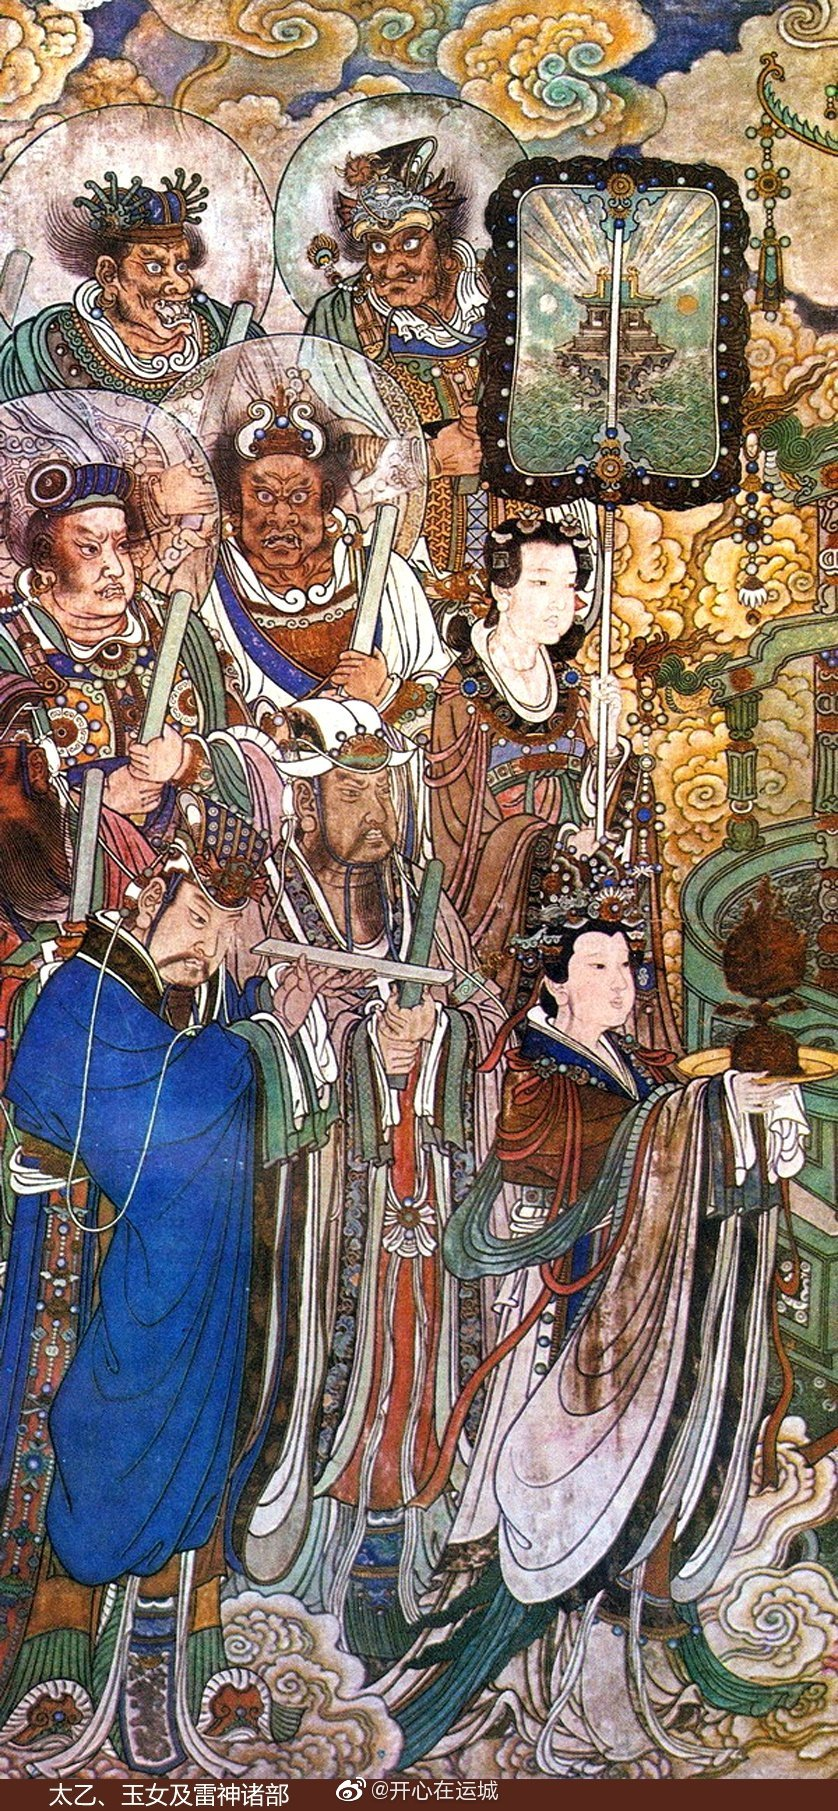 绝美!山西运城永乐宫巨幅壁画《朝元图》